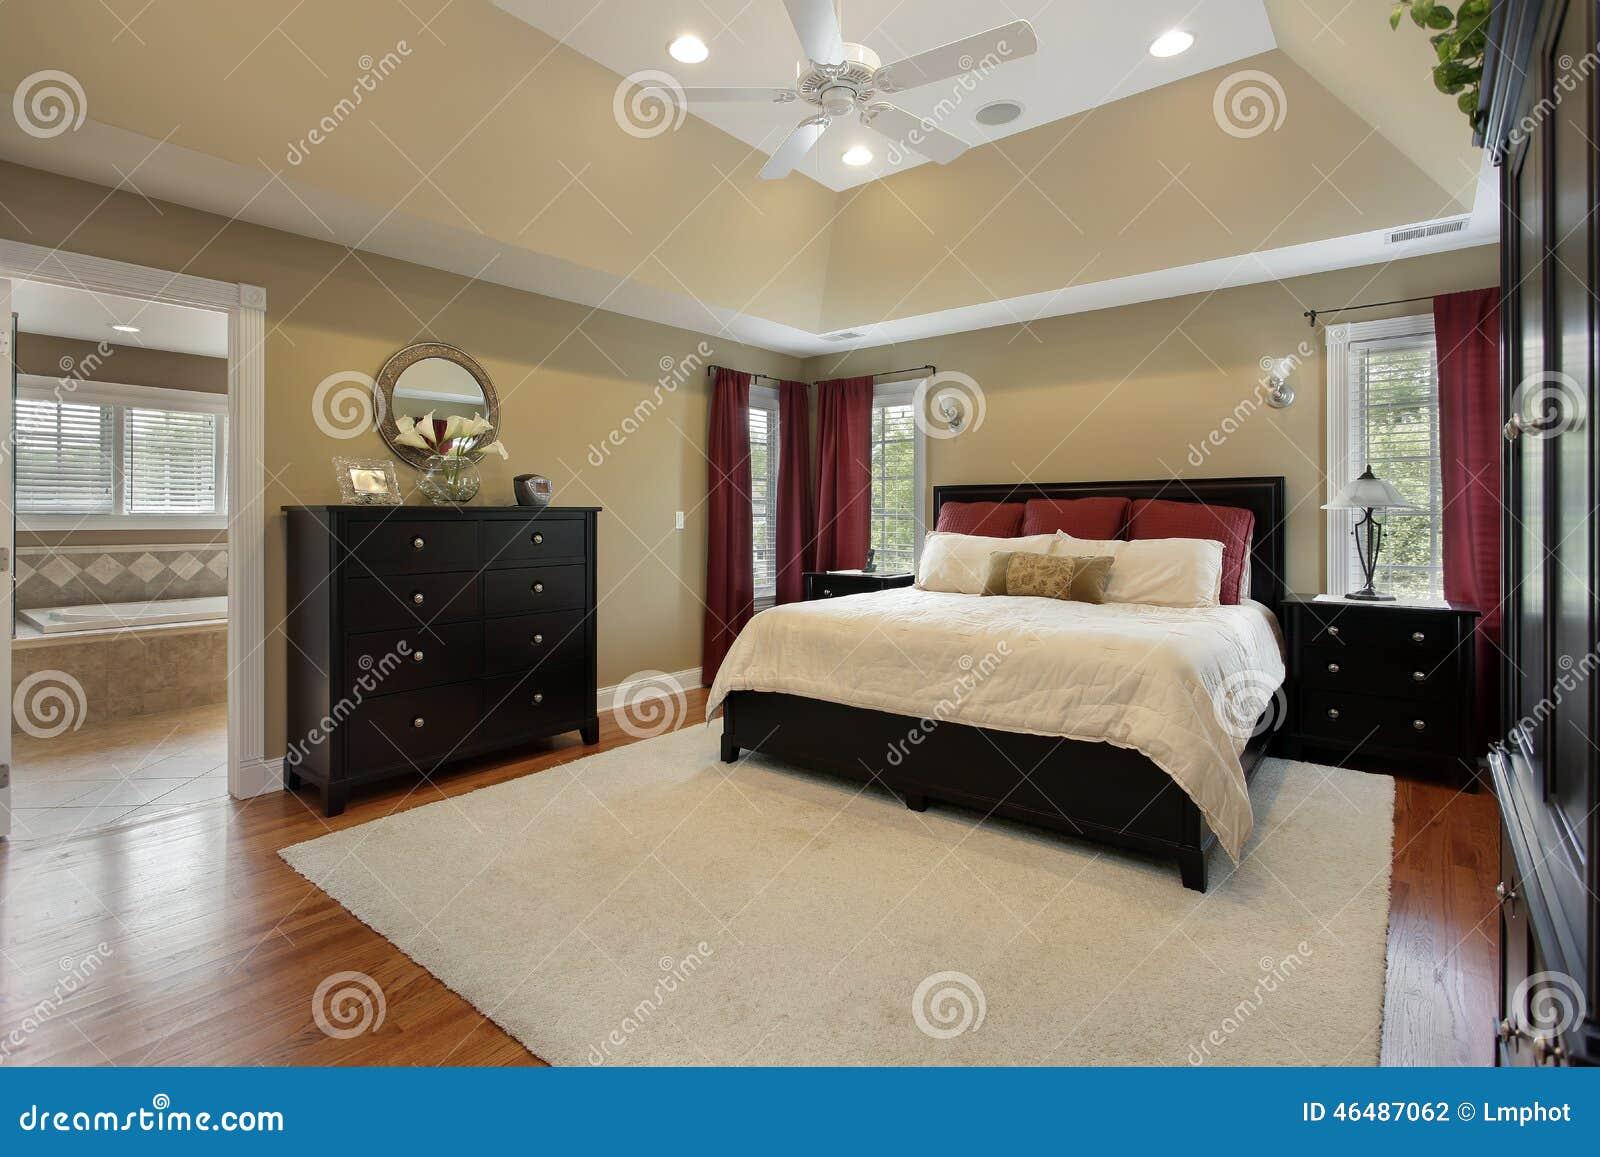 Camera da letto principale con la vista del bagno - Camera da letto con bagno ...